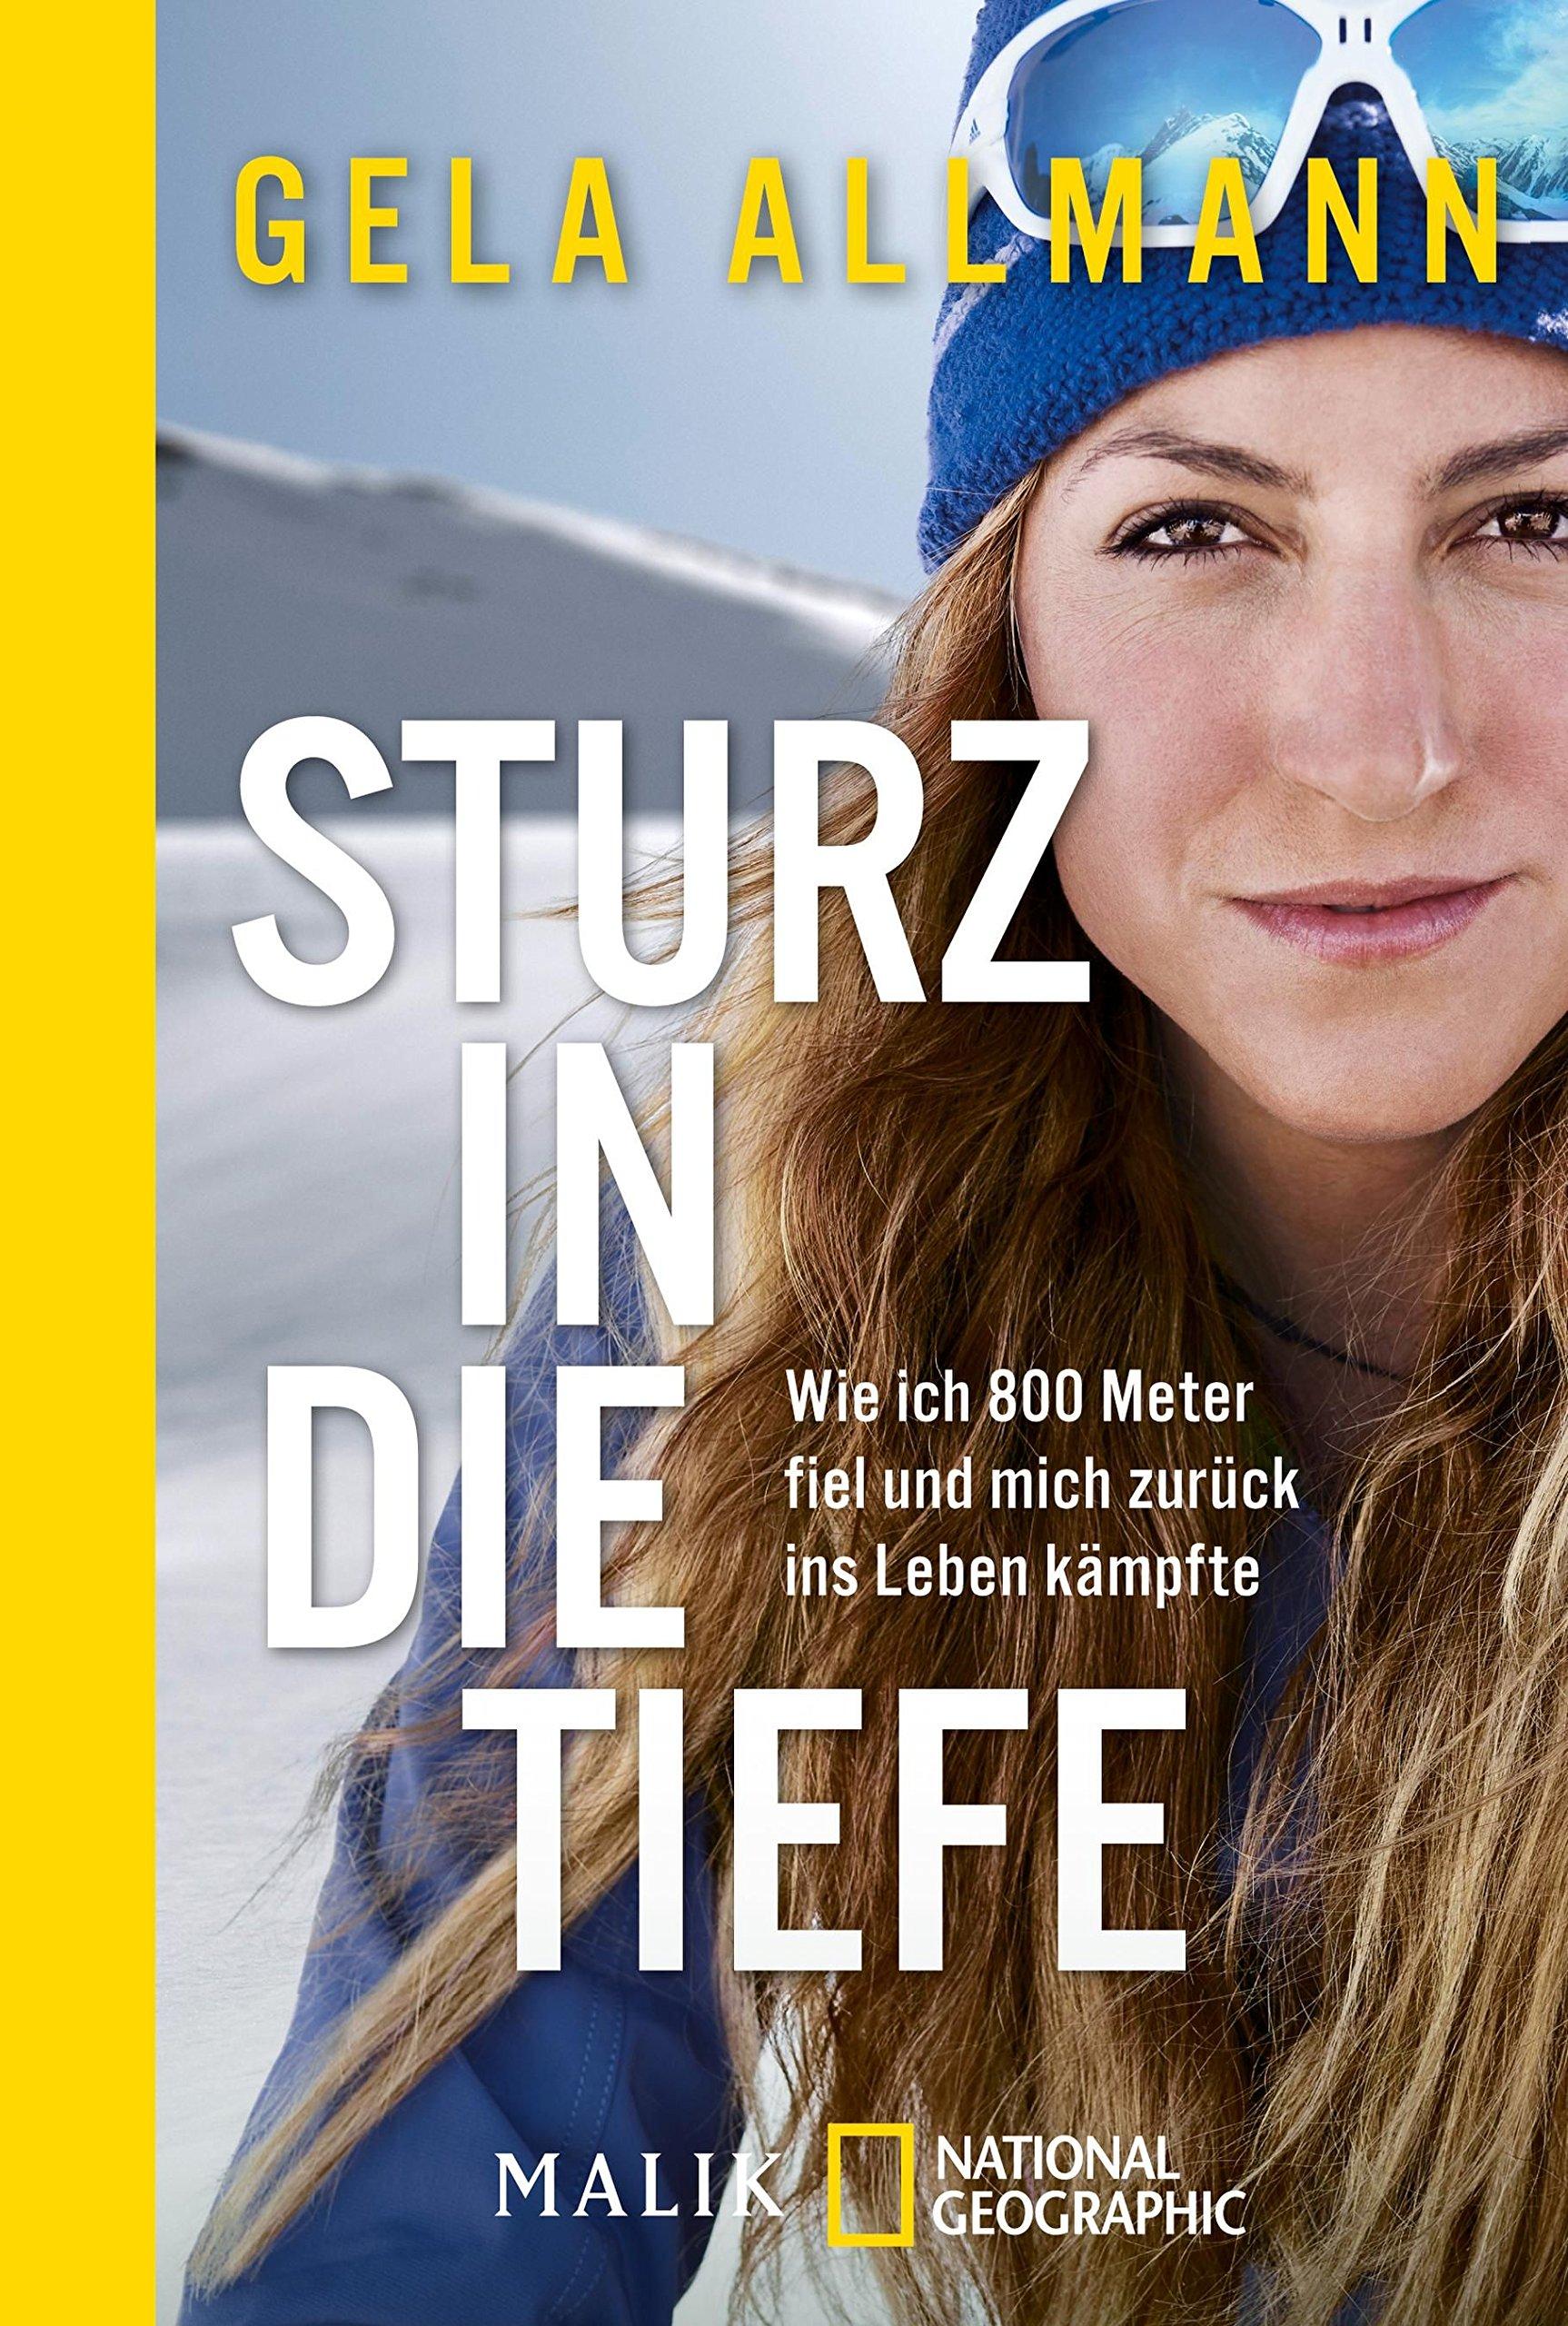 Sturz in die Tiefe: Wie ich 800 Meter fiel und mich zurück ins Leben kämpfte Taschenbuch – 2. Oktober 2017 Gela Allmann NG Taschenbuch 3492404766 Deutschland